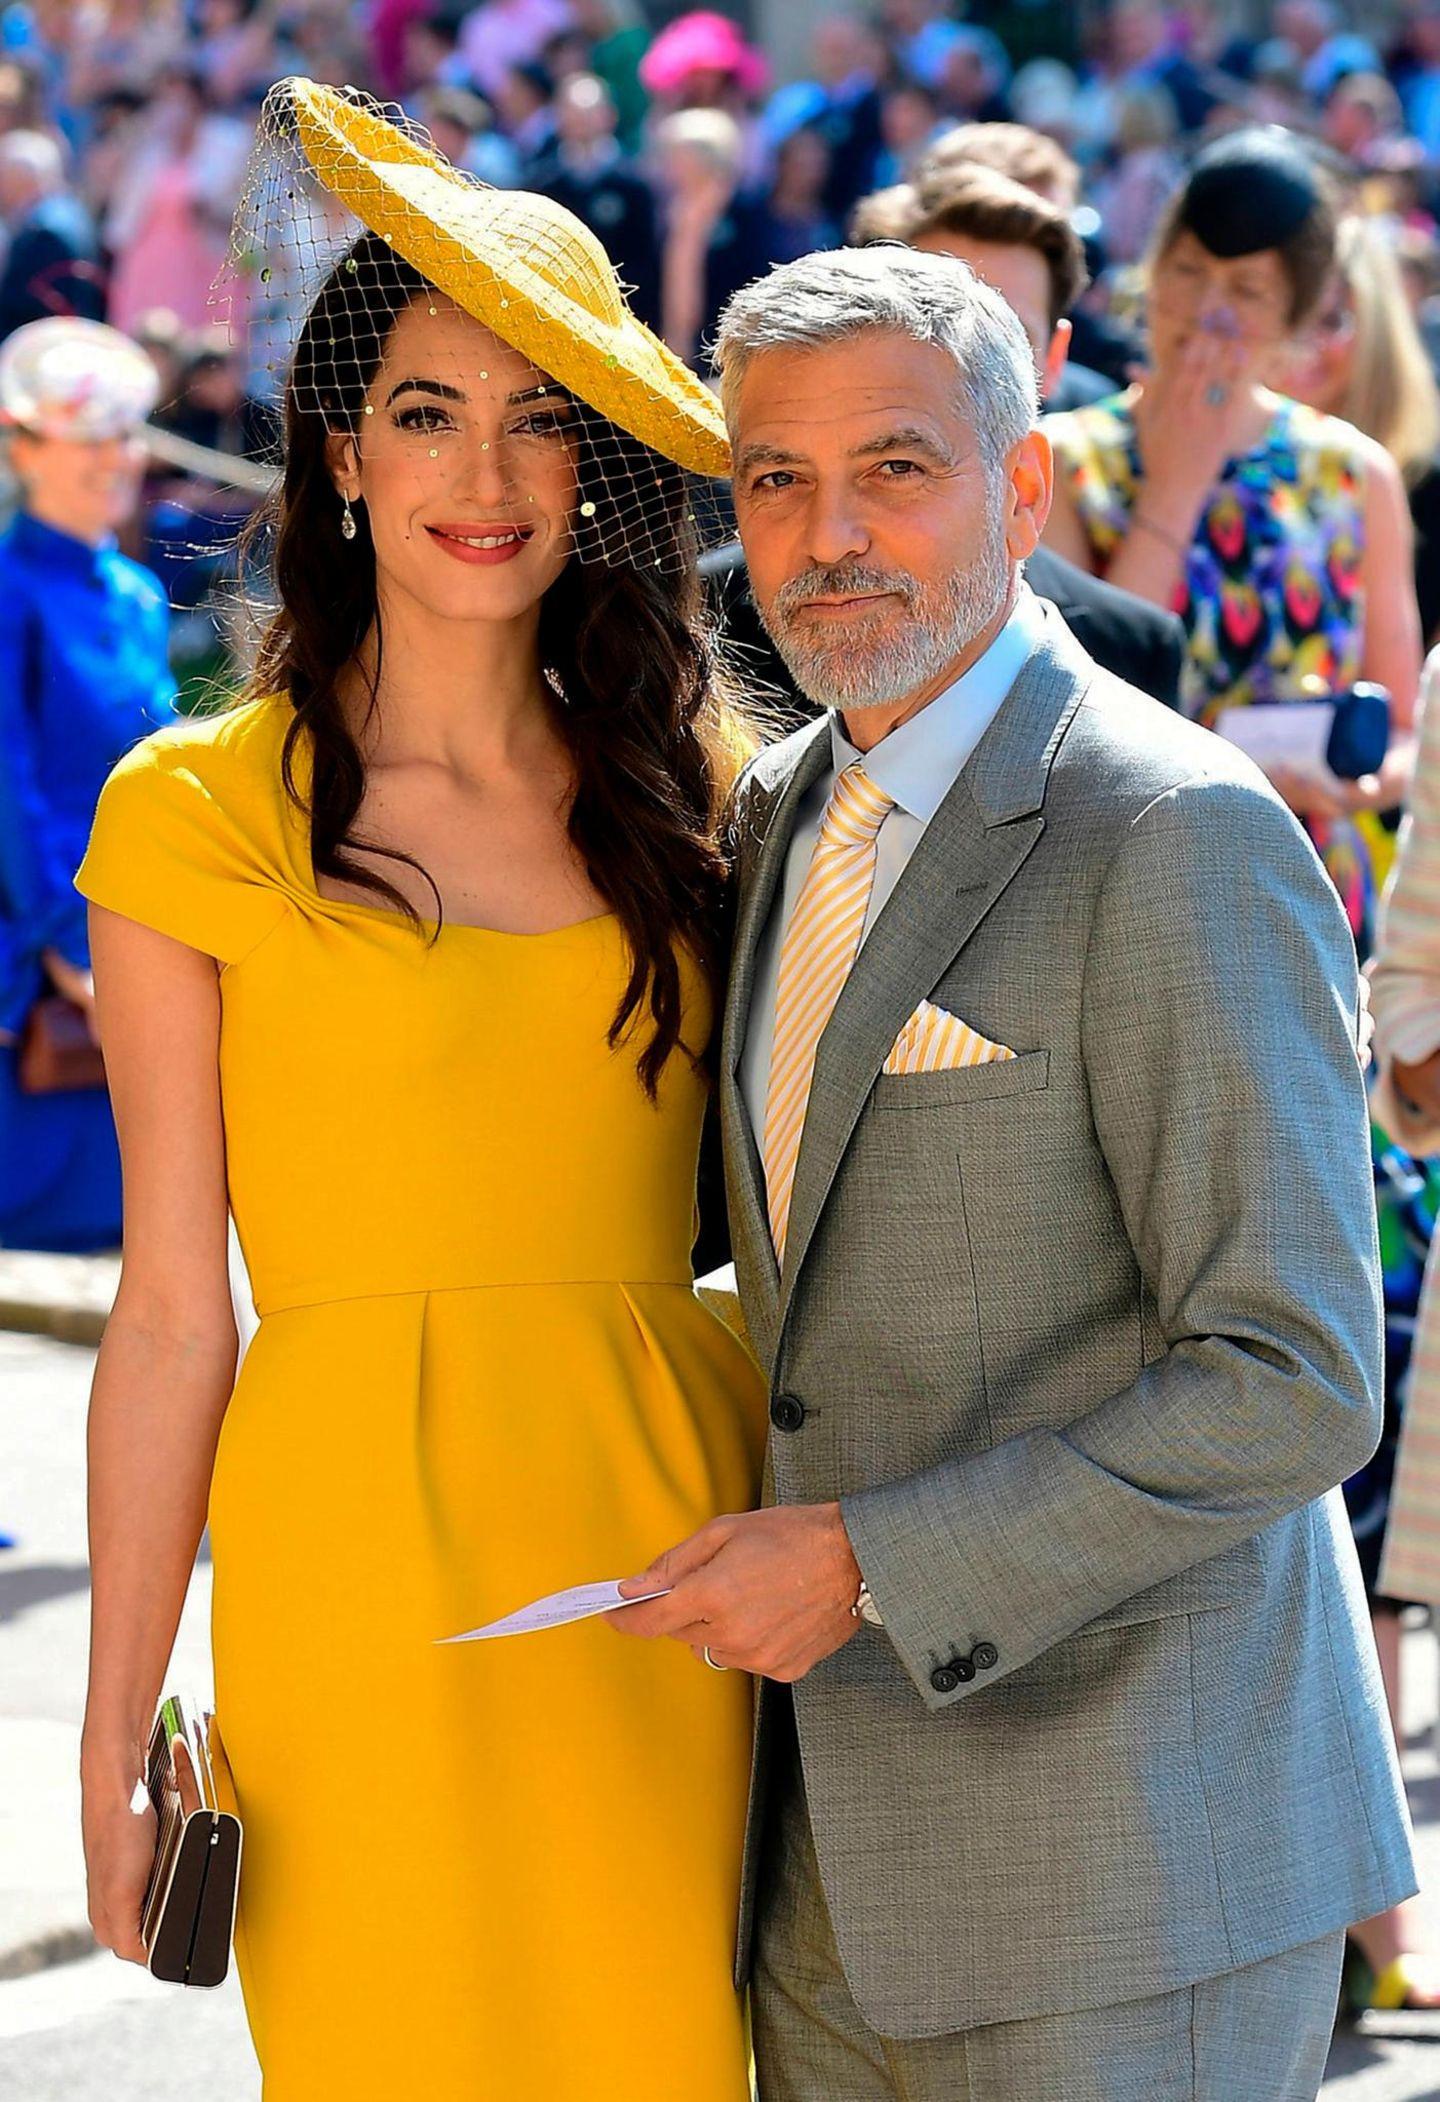 """Schon bei der Hochzeit von Prinz Harry und Herzogin Meghan legen Amal und George Clooney einen glamourösen Auftritt hin. Da der Bräutigam Jack Brooksbank Markenbotschafter für """"Casamigos"""", der Tequila-Firma von George Clooney ist, könnte es durchaus sein, dass das Hollywood-Pärchen George und Amal Clooney im Oktober dabei sein wird."""